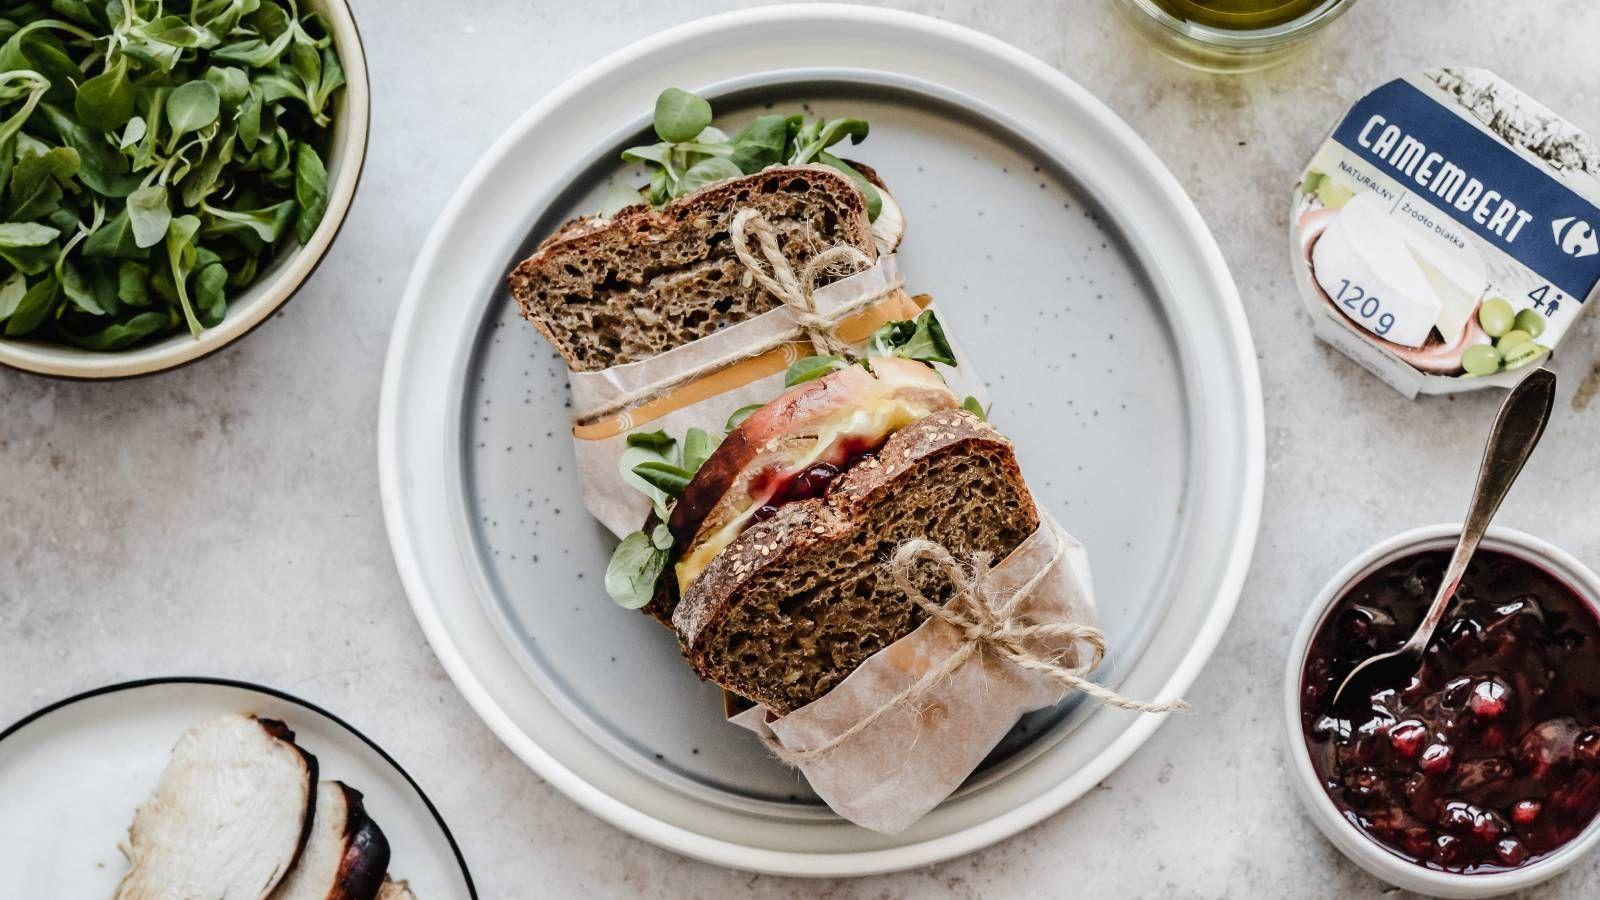 Grillowana kanapka z pieczoną piersią z indyka, camembertem, żurawiną i roszponką